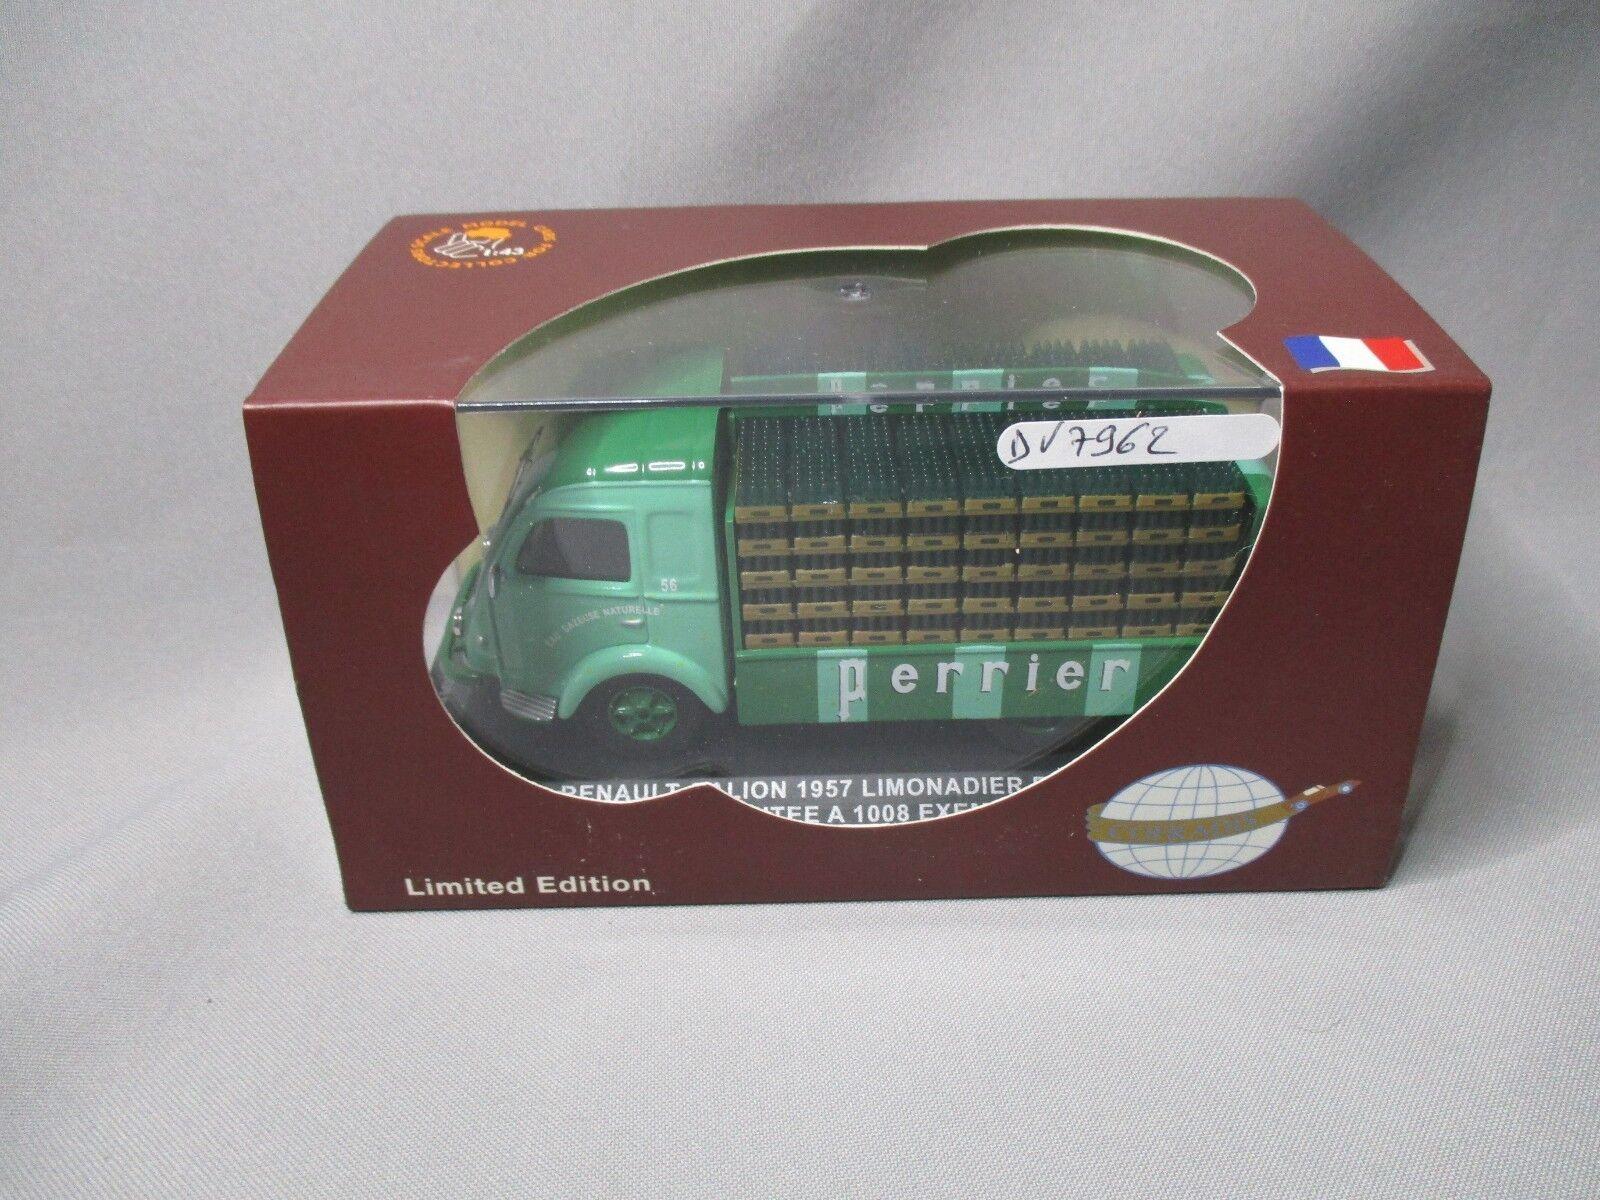 Centro comercial profesional integrado en línea. DV7962 DV7962 DV7962 COFRADIS RENAULT GALLION 1957 LIMONADIER PERRIER 1 43 COF057 EdLim 1008ex  diseño simple y generoso